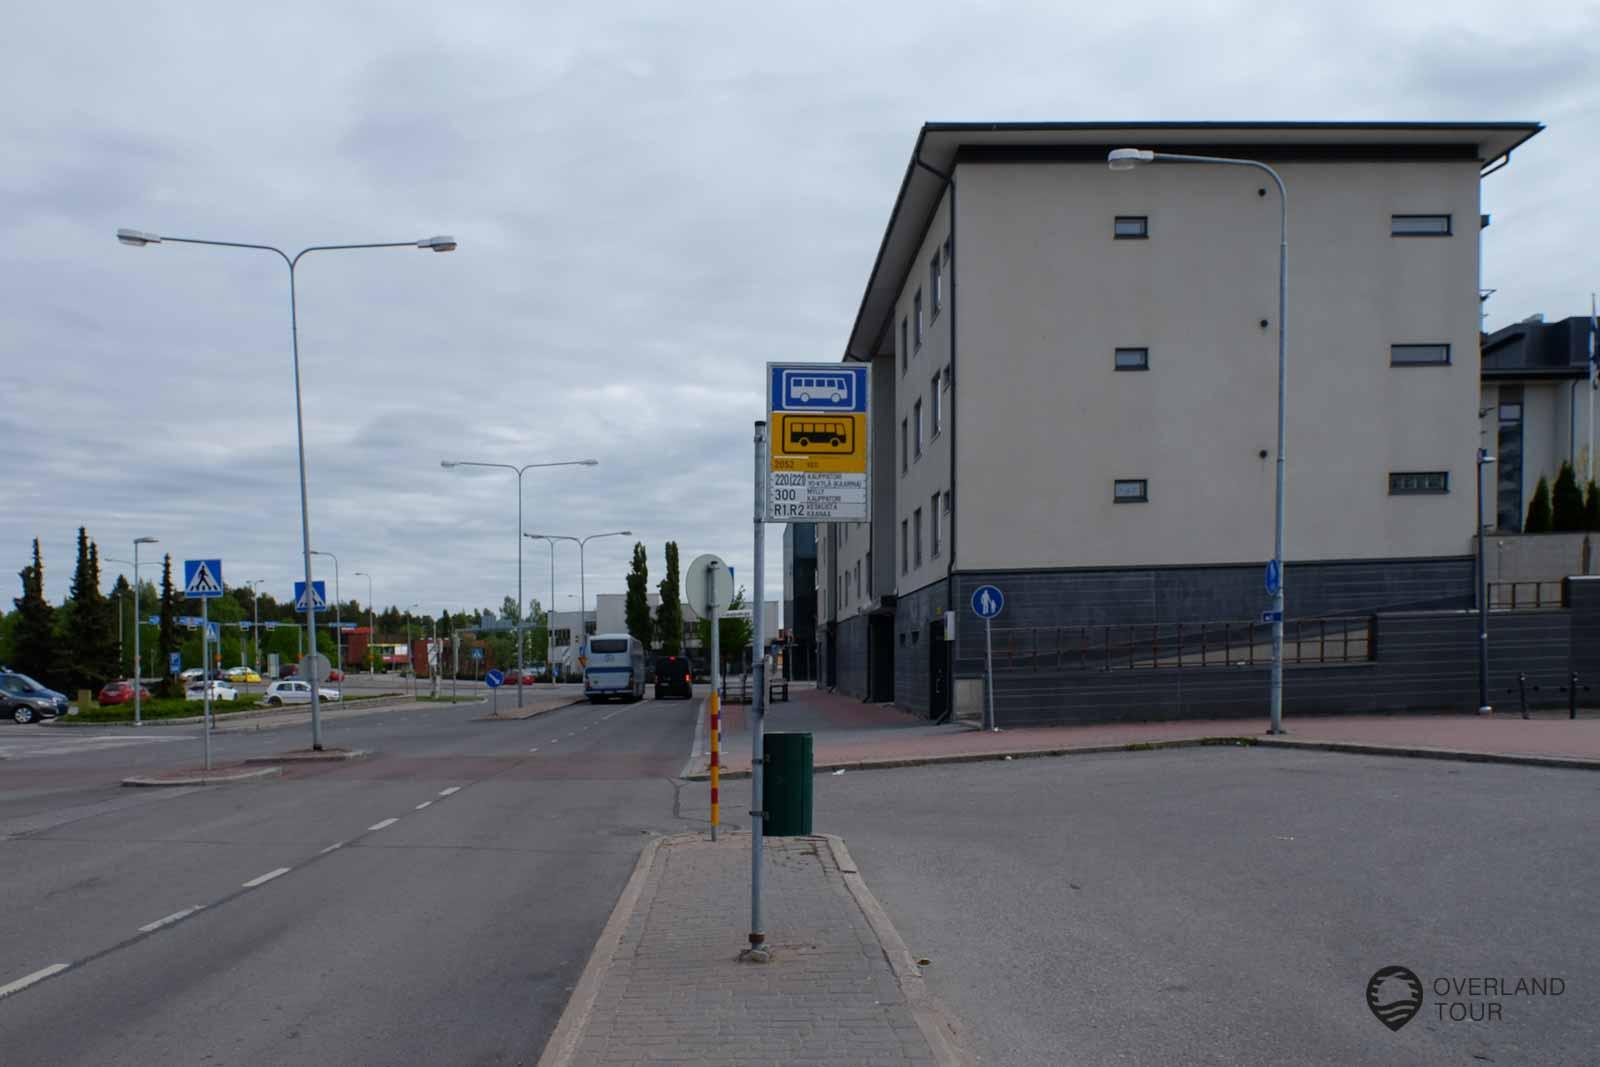 In Raisio musst du umsteigen. Hier aus dem Bus aussteigen und einfach ca. 30 Meter weiter laufen (wie der Bus fährt) und dann gleich rechts ist die Bushaltestelle nach Naantali